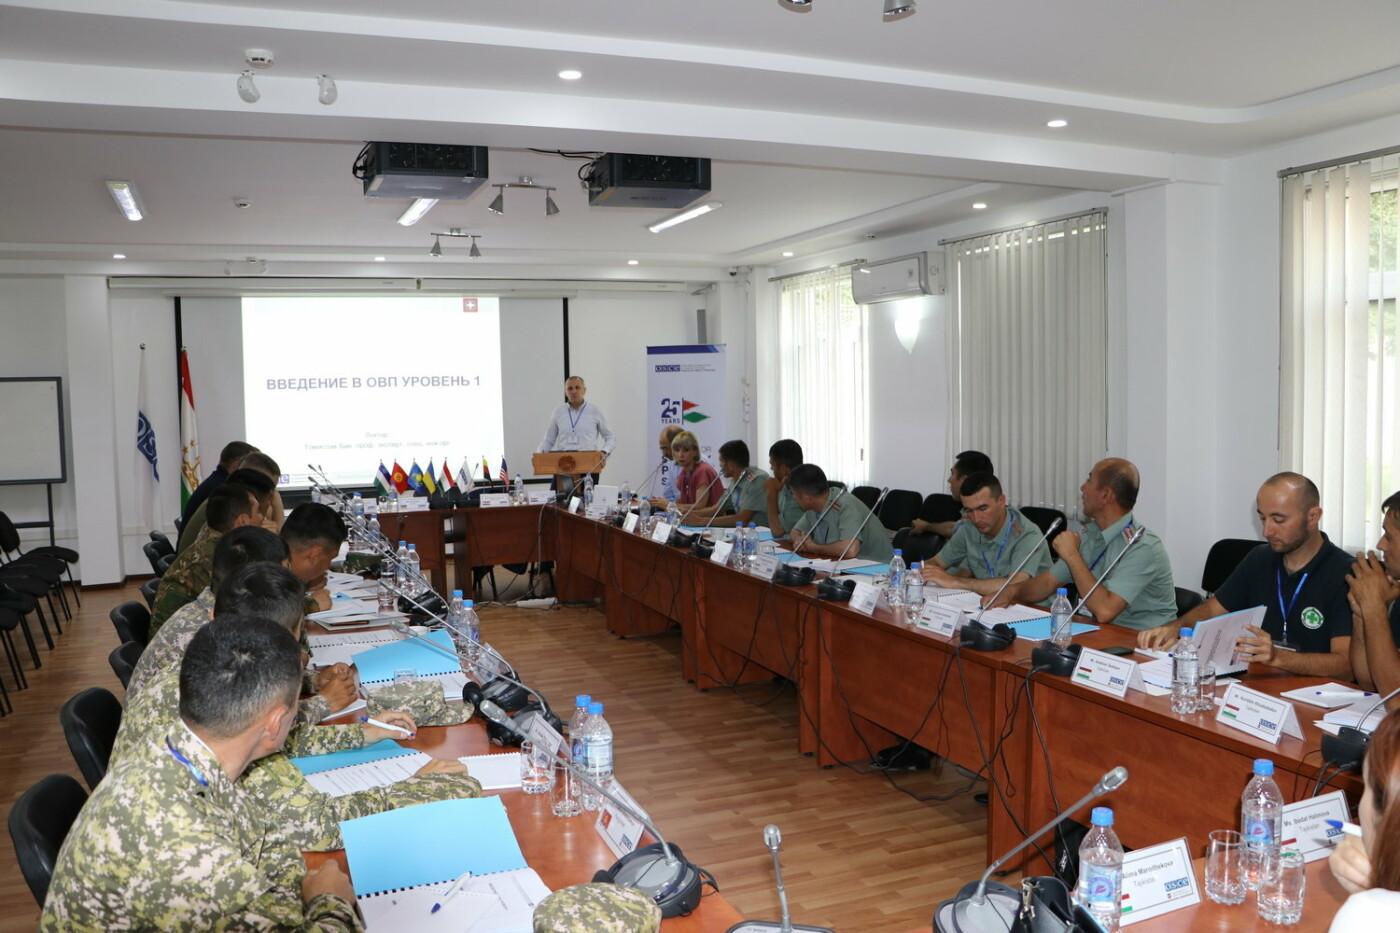 Військовий Центру розмінування пройшов підготовку інструкторів на базі ОБСЄ, фото-4, Фото: Центр розмінування